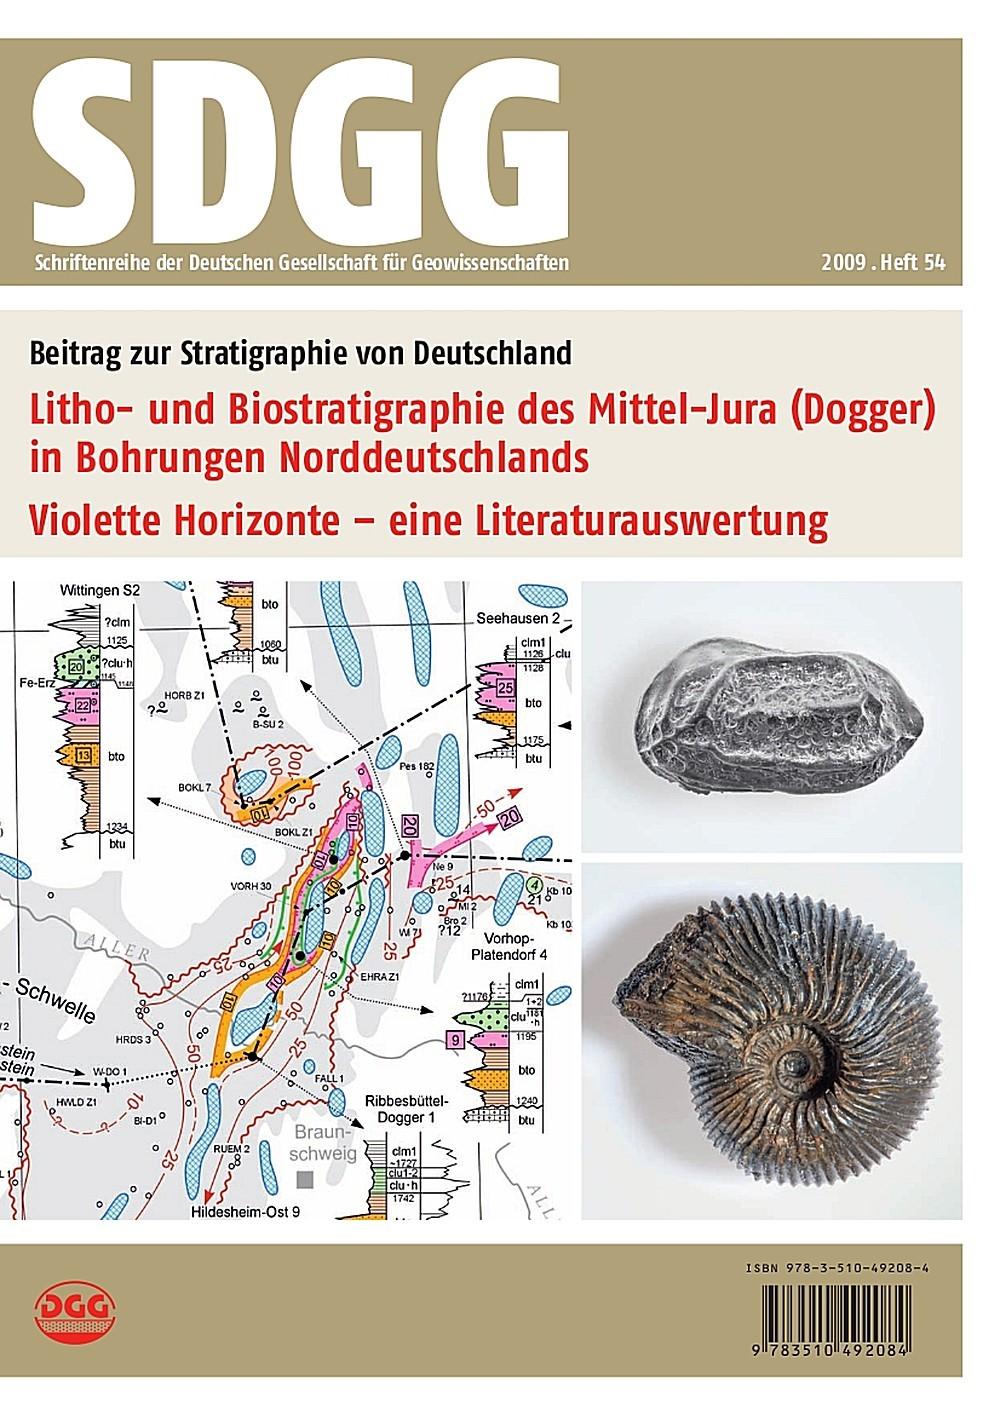 Litho- und Biostratigraphie des Mittel-Jura (Dogger) in Bohrungen Norddeutschlands - Violette Horizonte - eine Literaturauswertung | Brand / Mönnig / Dachroth, 2010 | Buch (Cover)